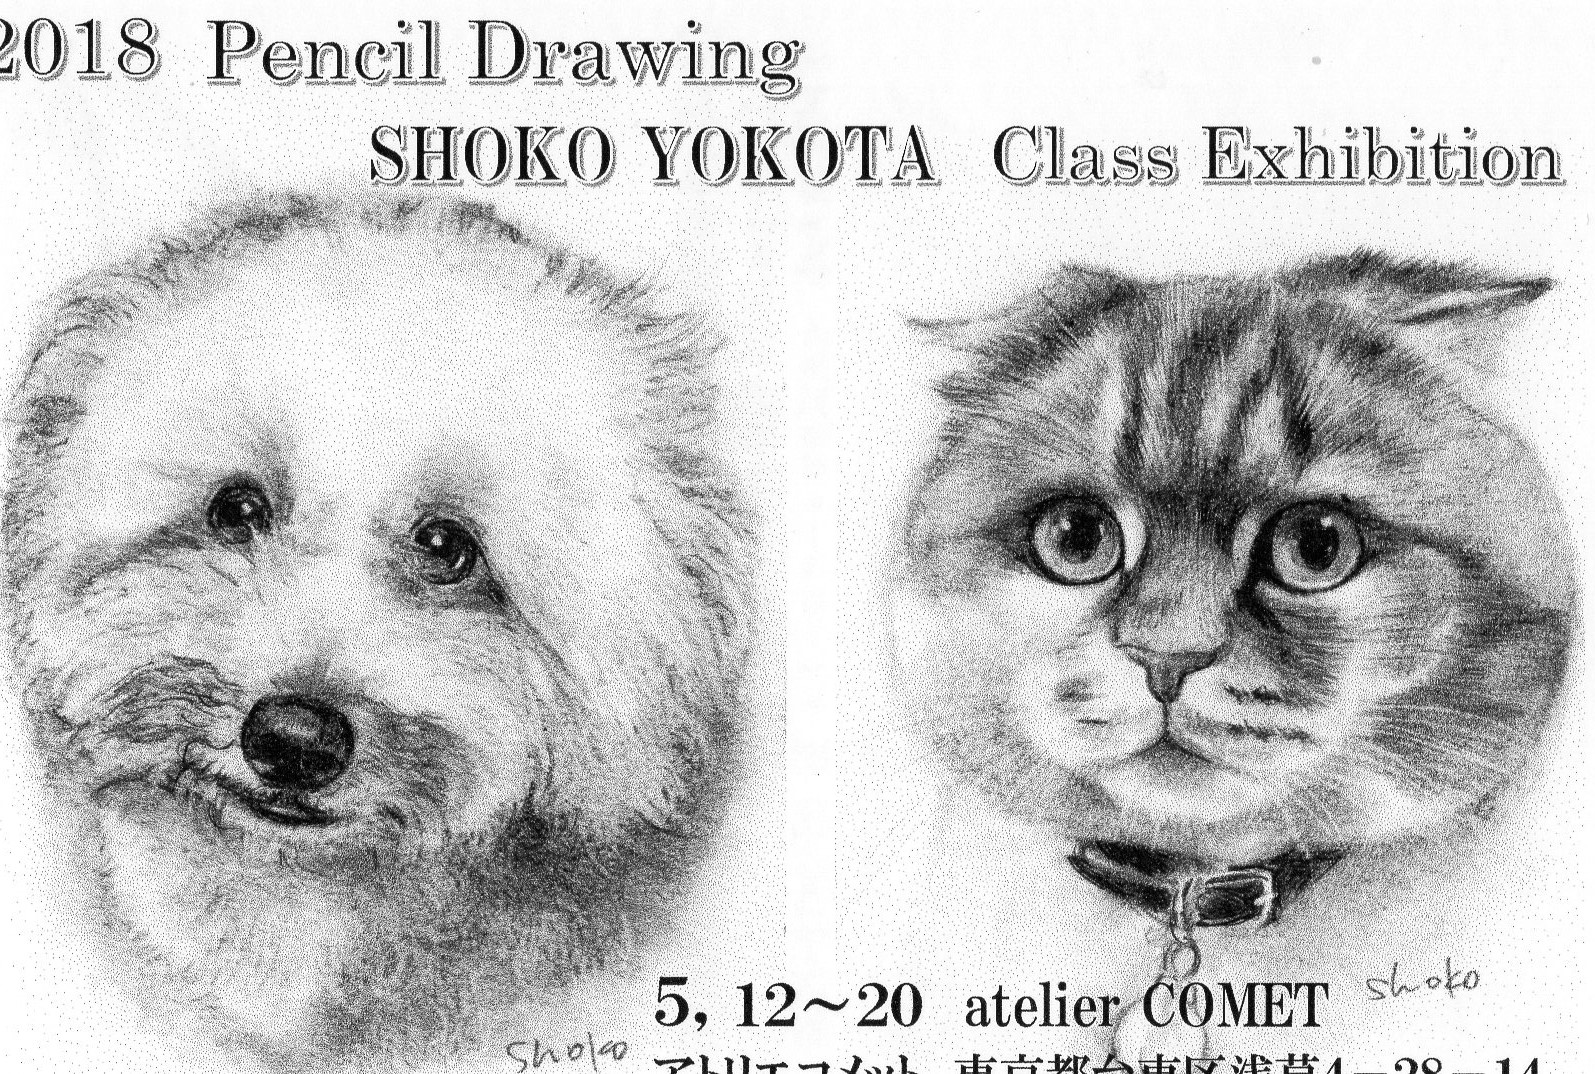 よこたしょうこ鉛筆画教室展覧会